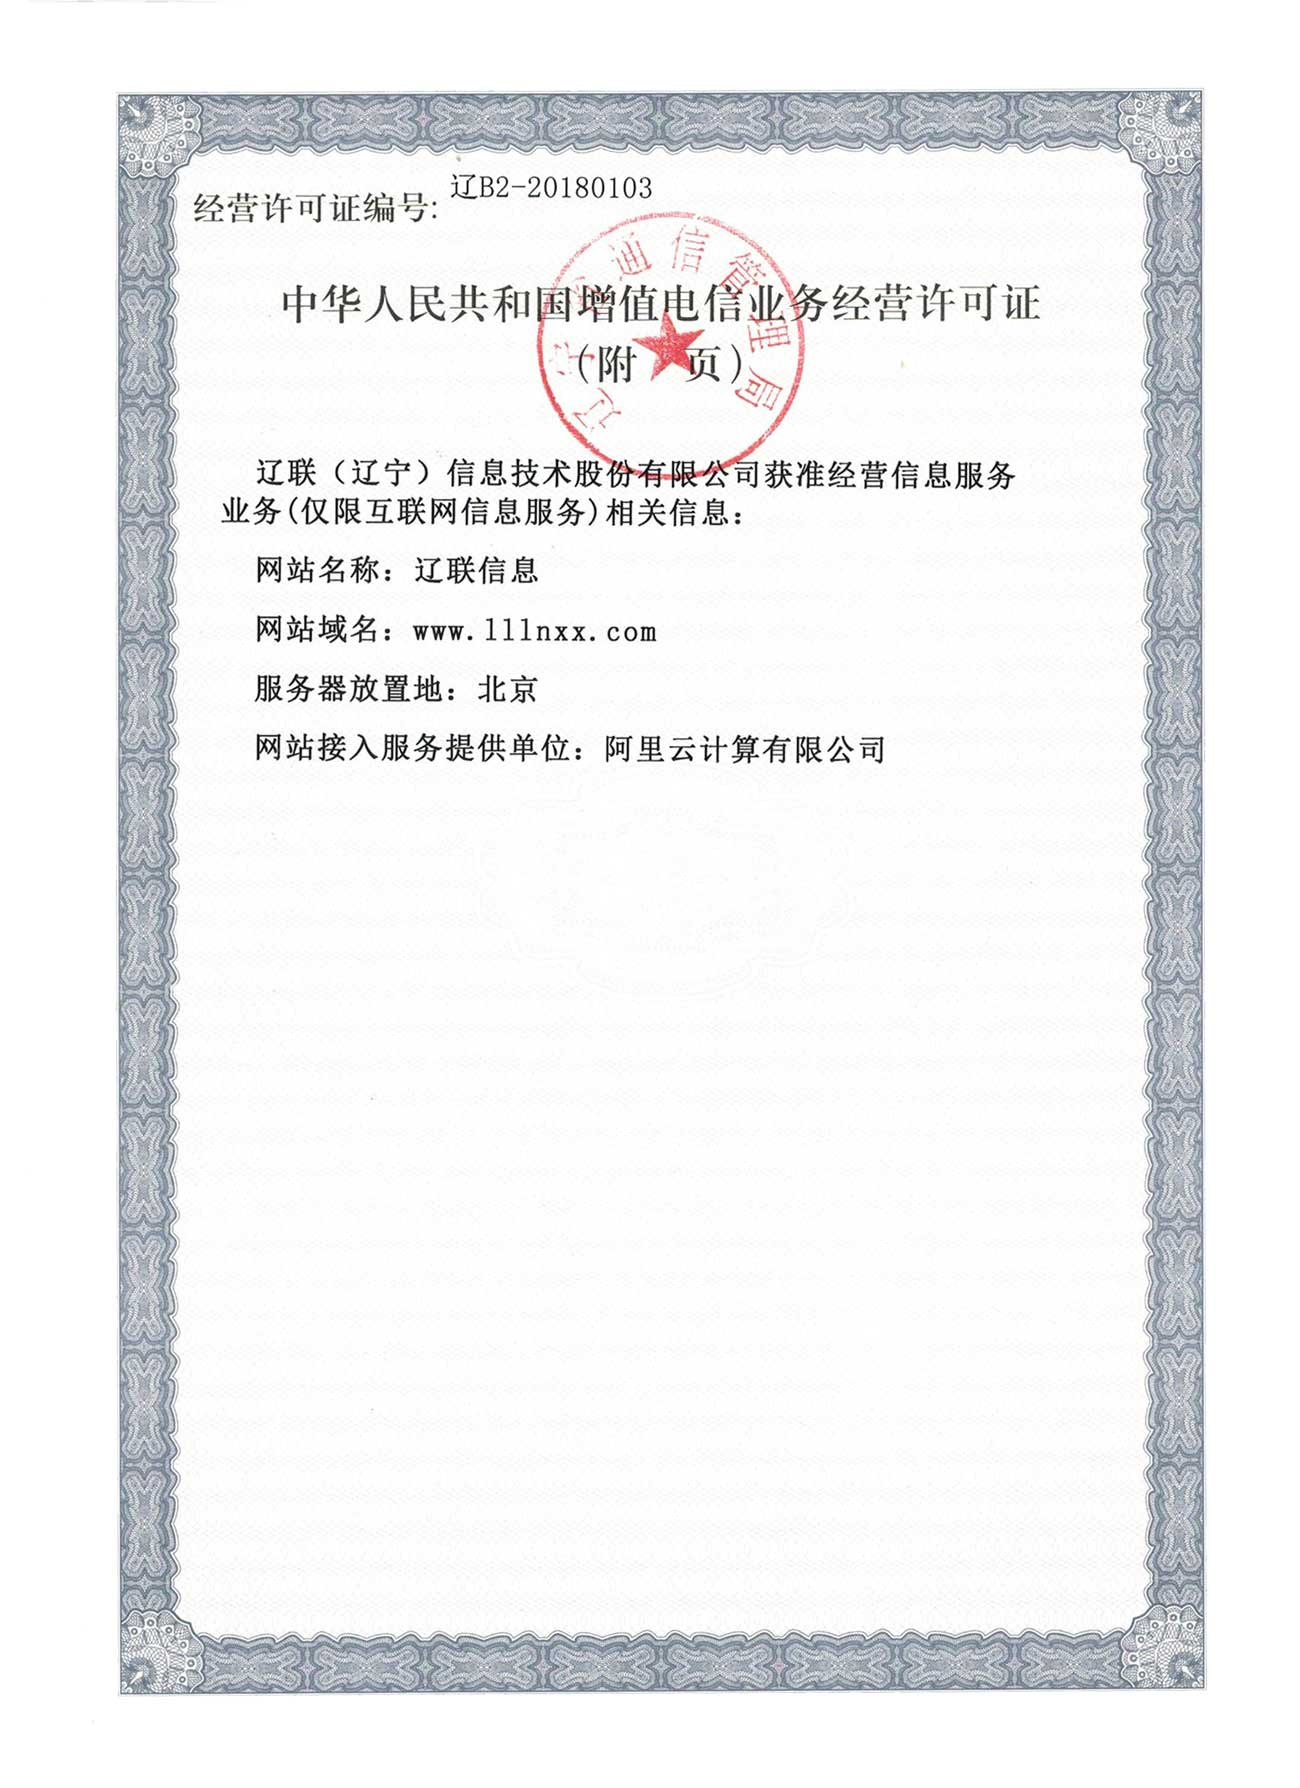 辽联信息经营许可备案.jpg